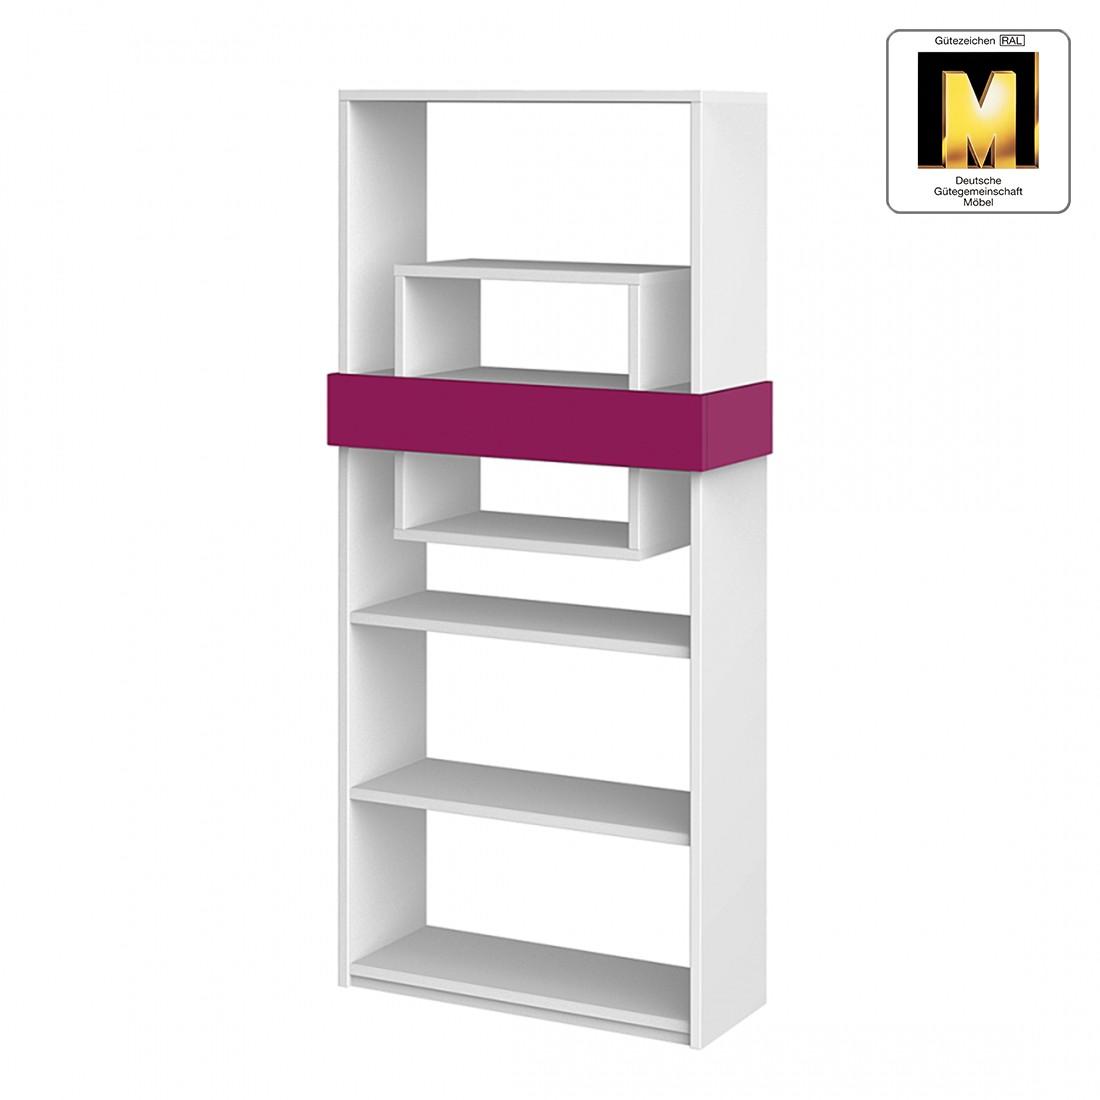 Standregal HiLight – Weiß / Pink, röhr kaufen